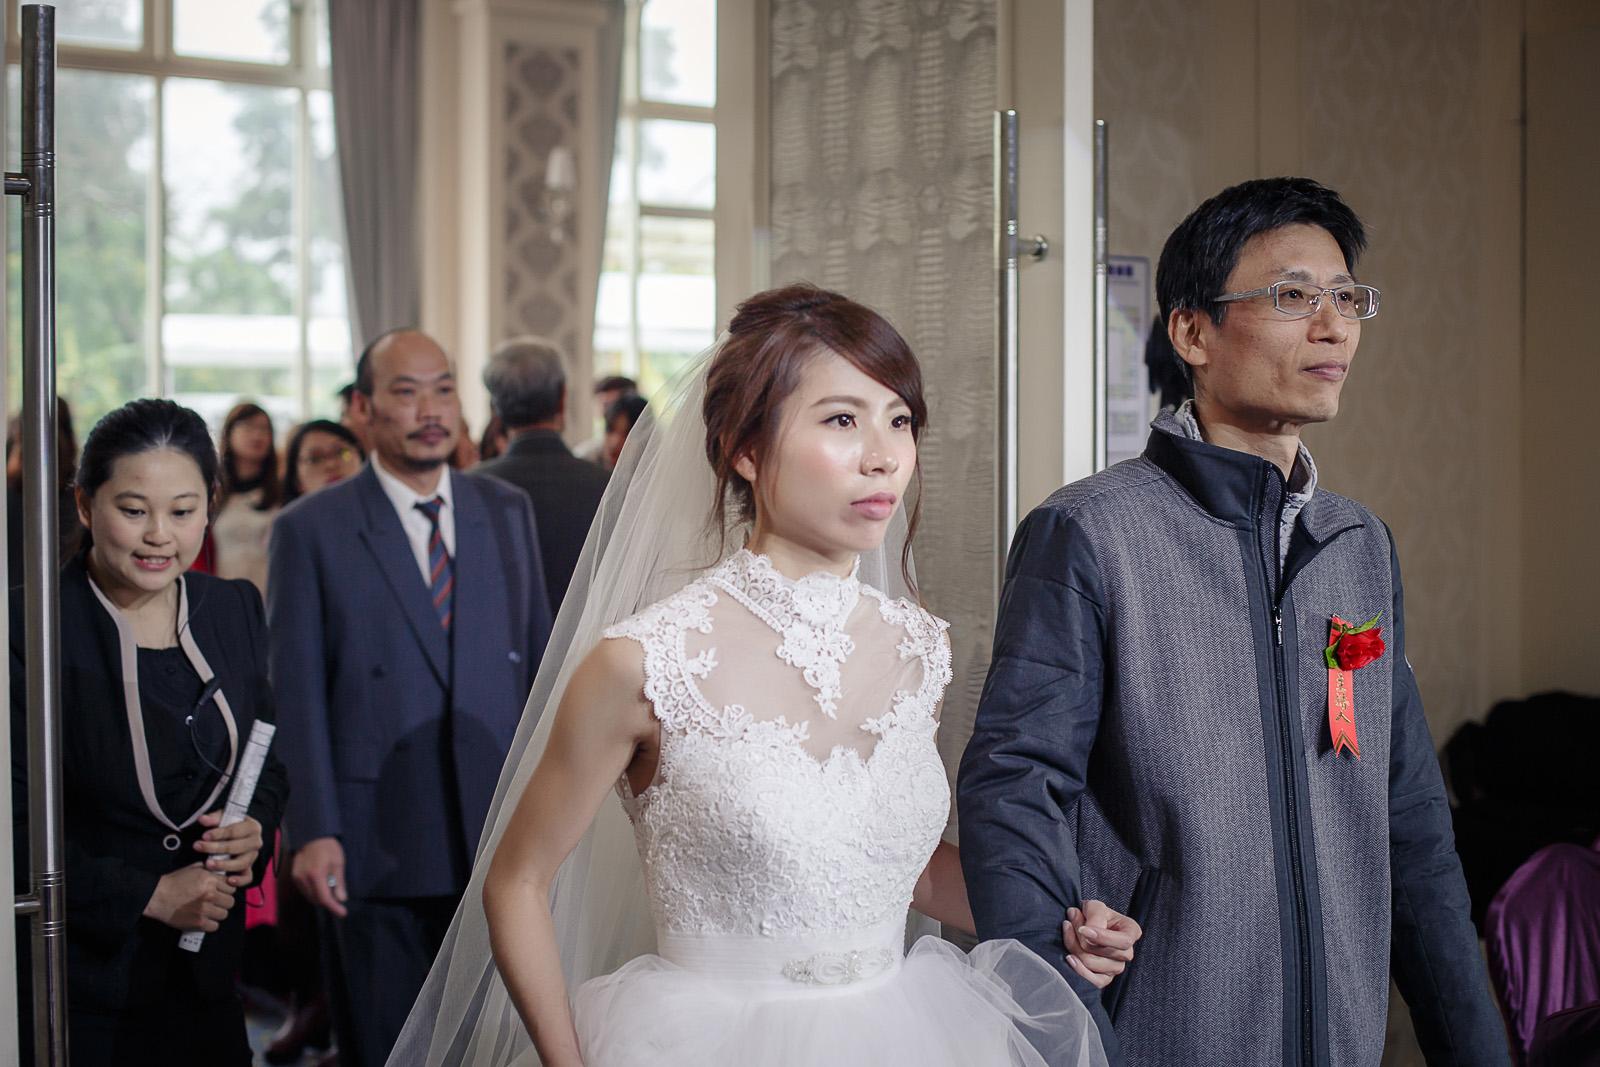 高雄圓山飯店,婚禮攝影,婚攝,高雄婚攝,優質婚攝推薦,Jen&Ethan-199